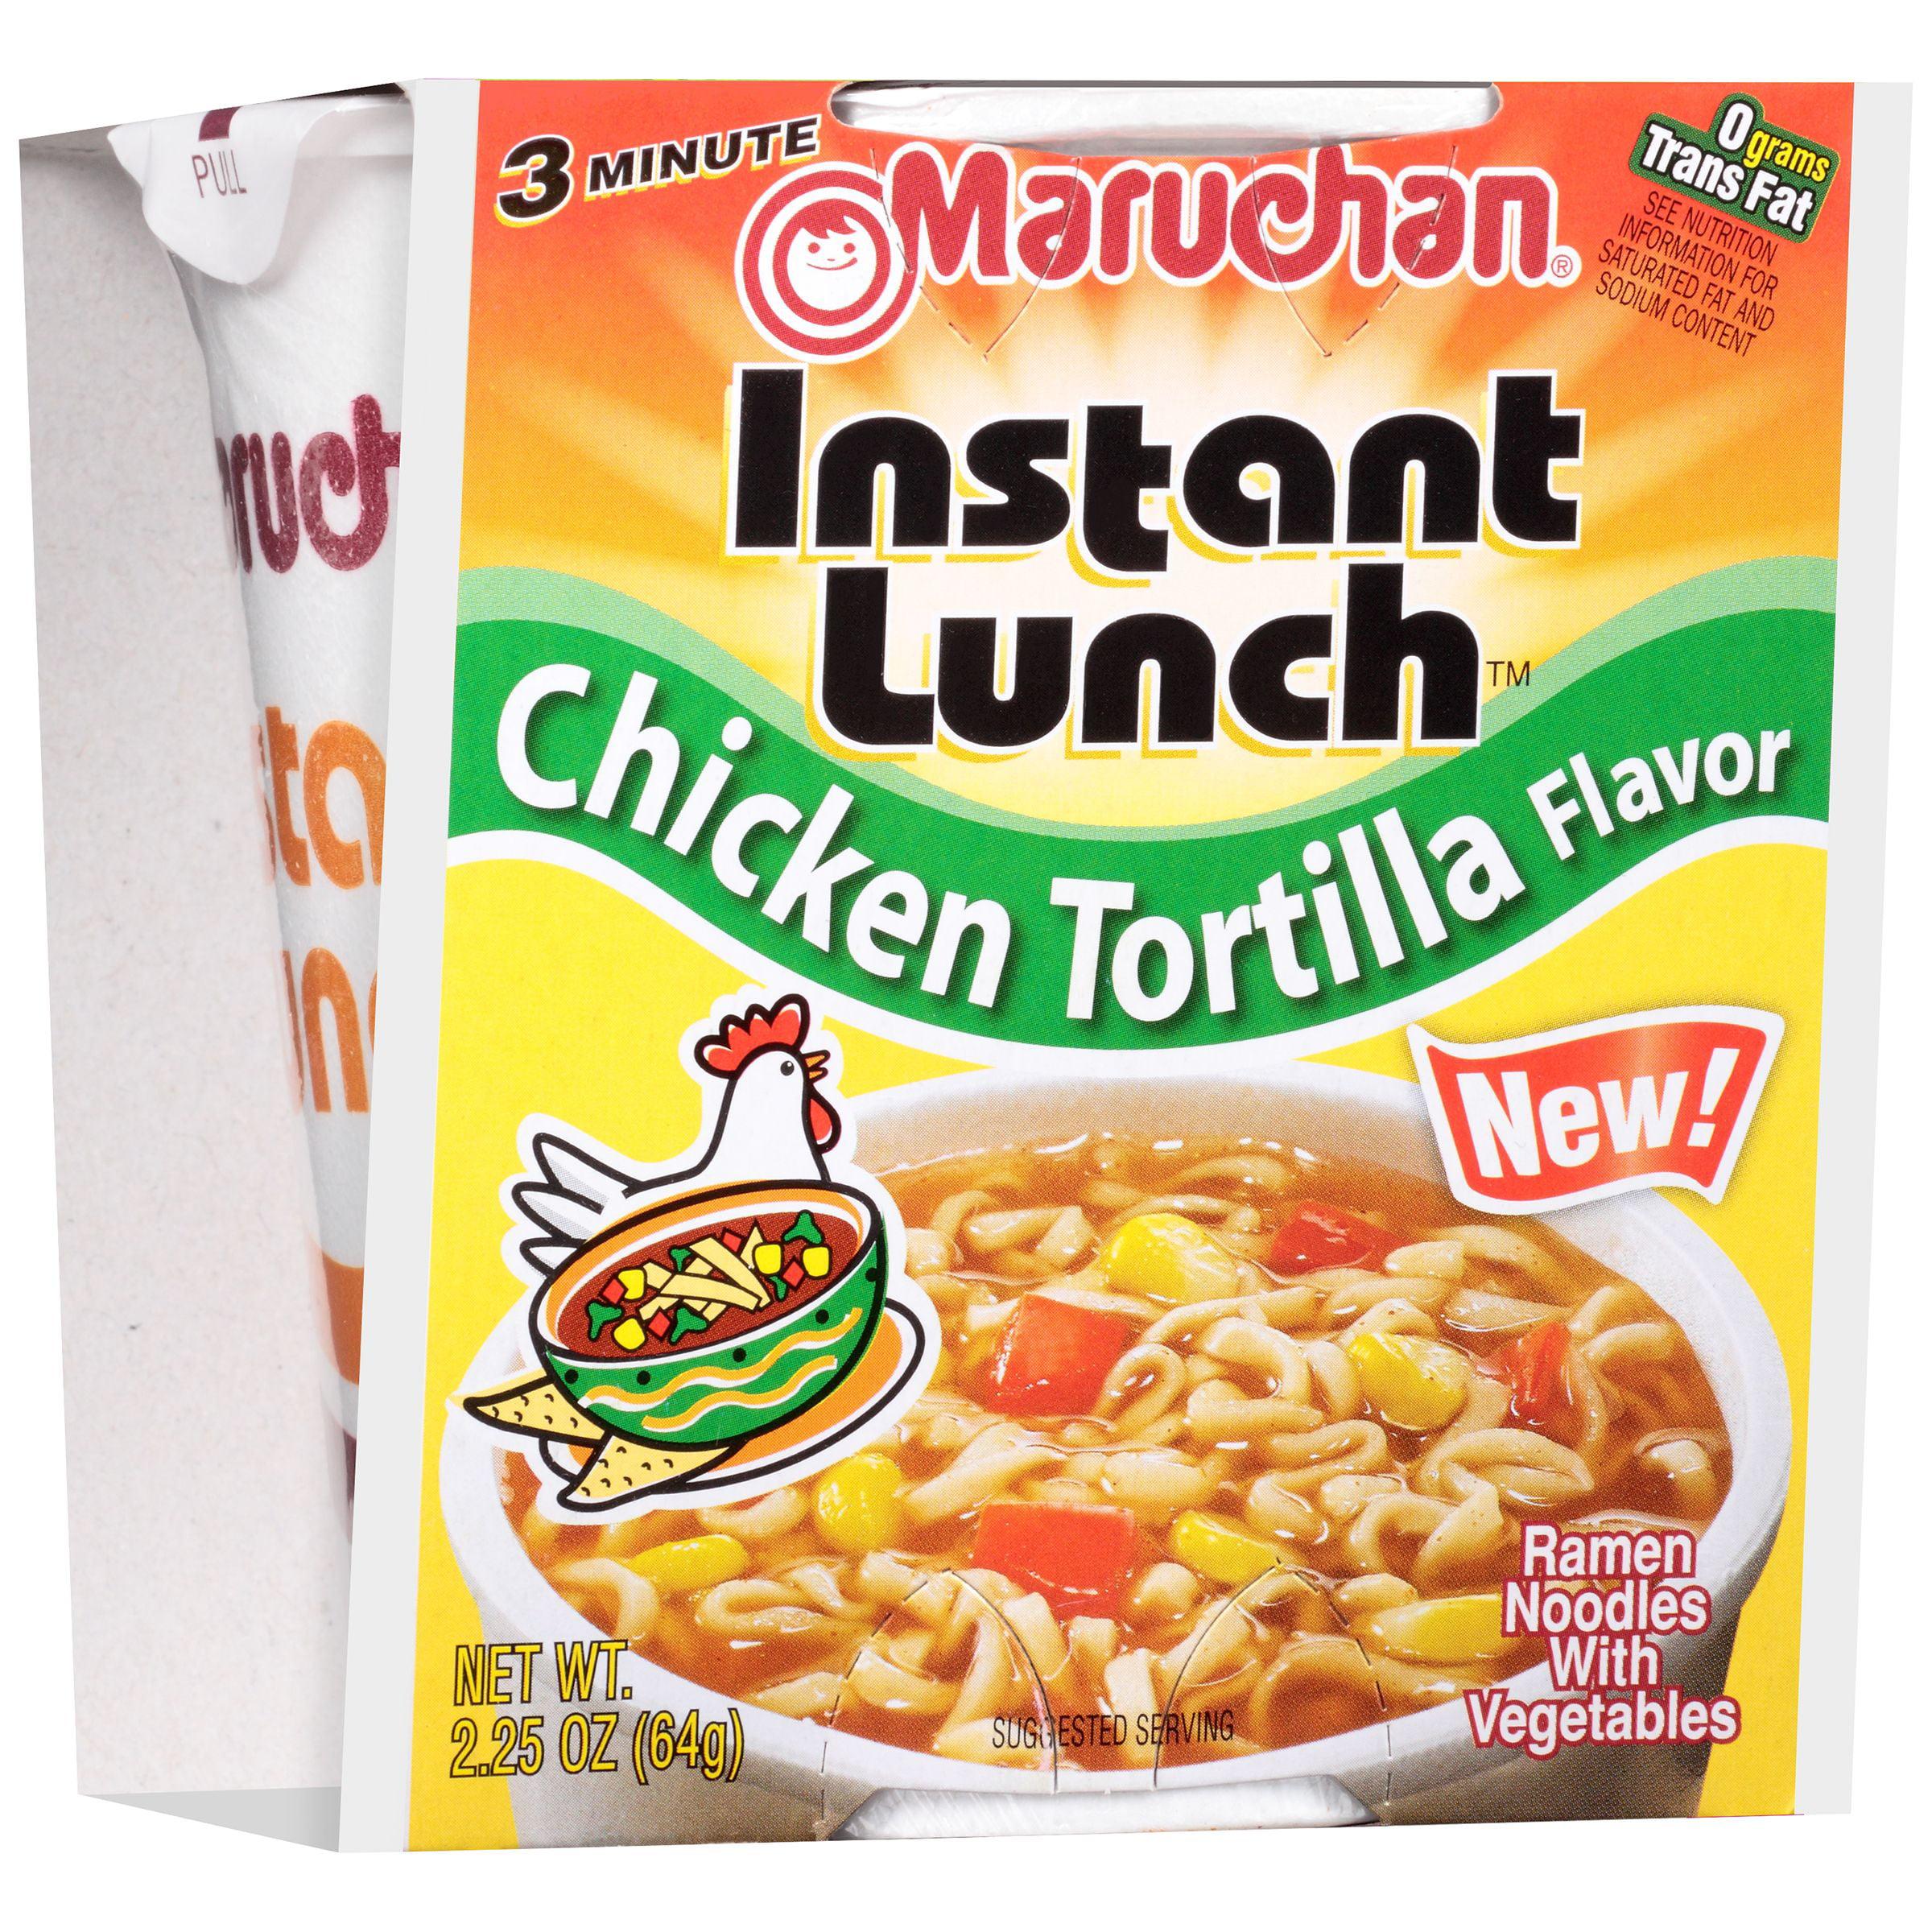 Maruchan Instant Lunch Chicken Tortilla Flavor Ramen Noodles, 2.25 oz. 90149